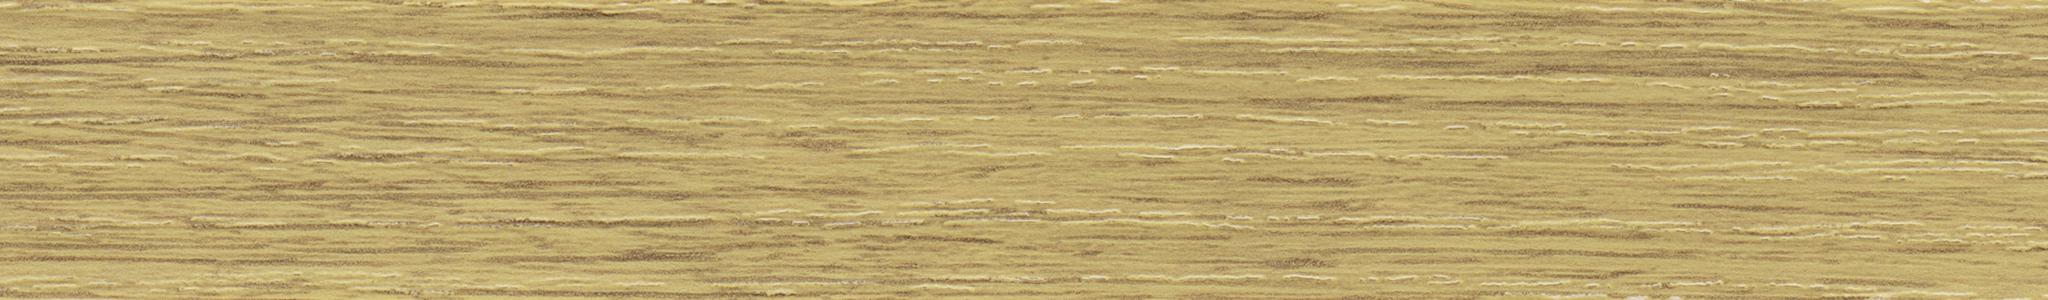 HD 243917 ABS hrana dub zlatý gravír